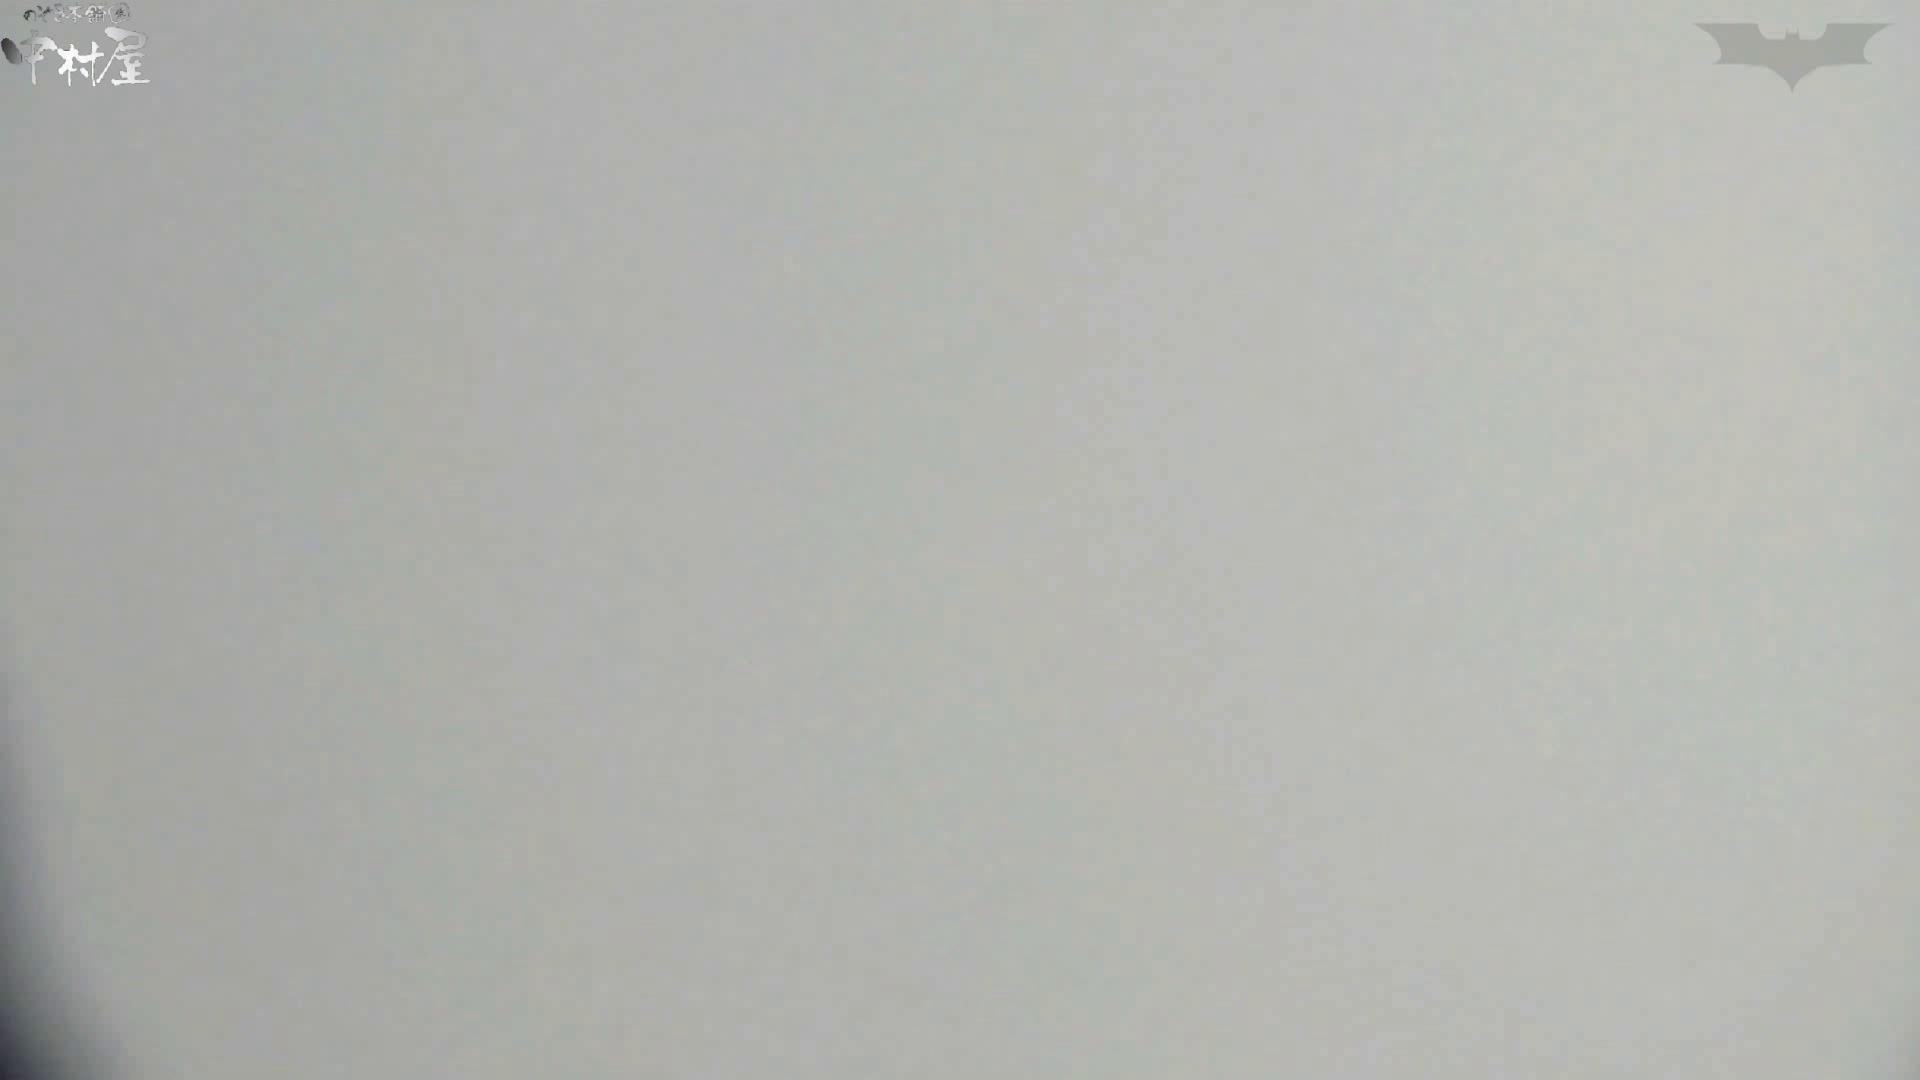 お市さんの「お尻丸出しジャンボリー」No.12 覗き オマンコ無修正動画無料 91PIX 29